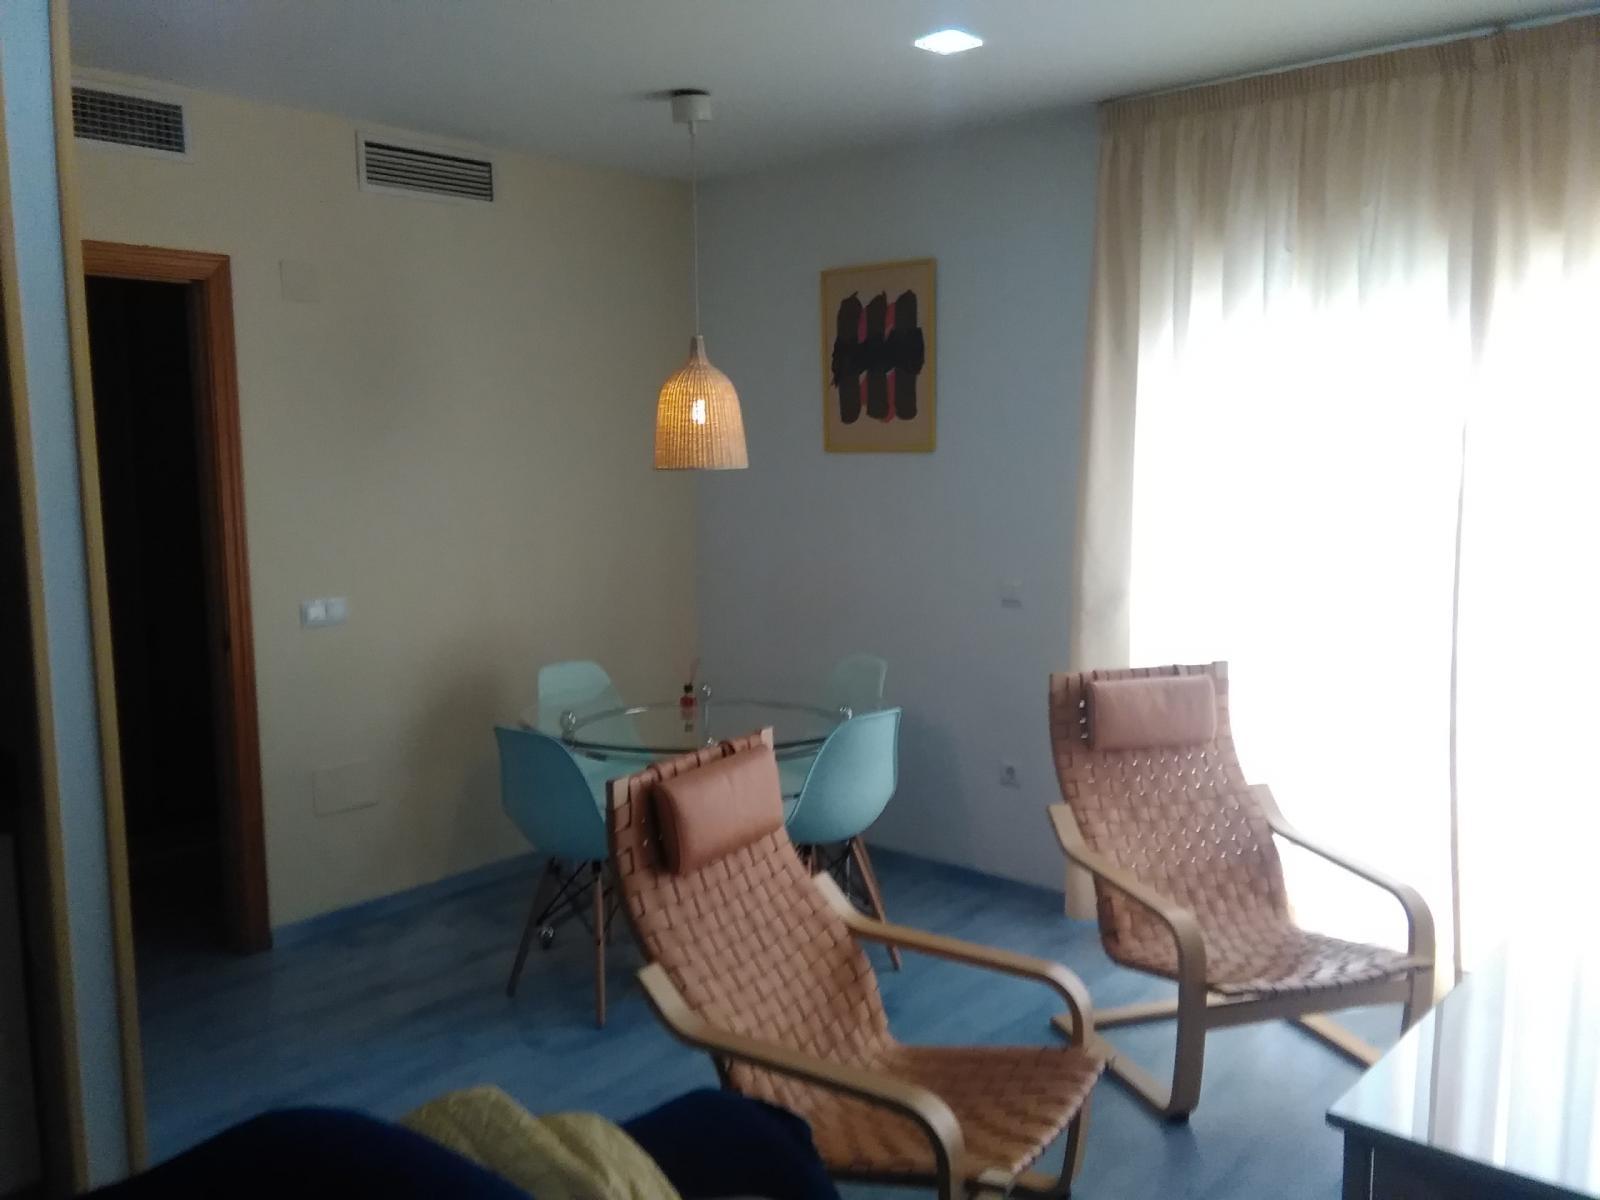 Apartment for rent in Ollerias, Malaga